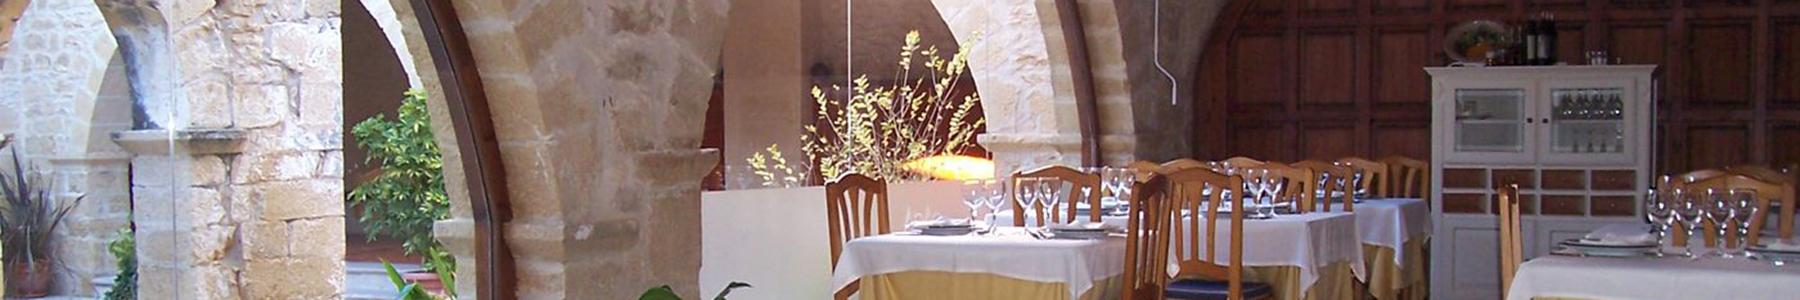 Restaurante Casa dels Capellans